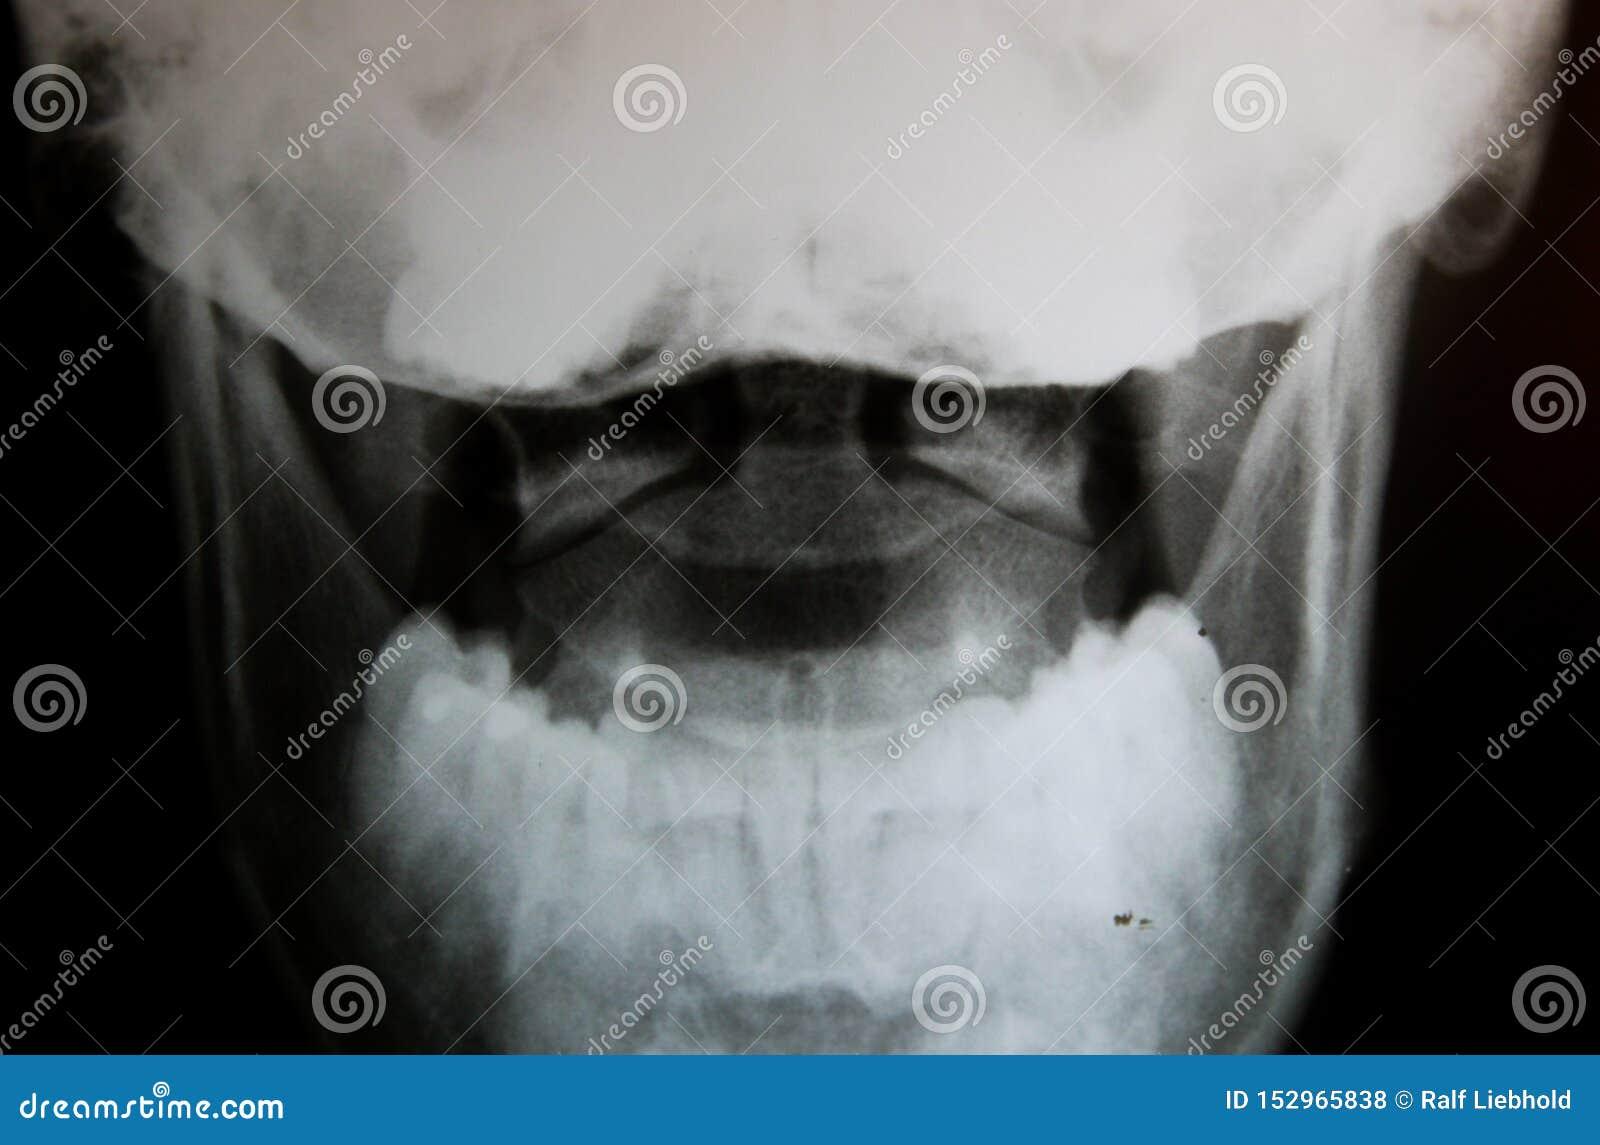 Röntgenstraalbeeld van schedel met nadruk op hoofdverbindingenatlas en as